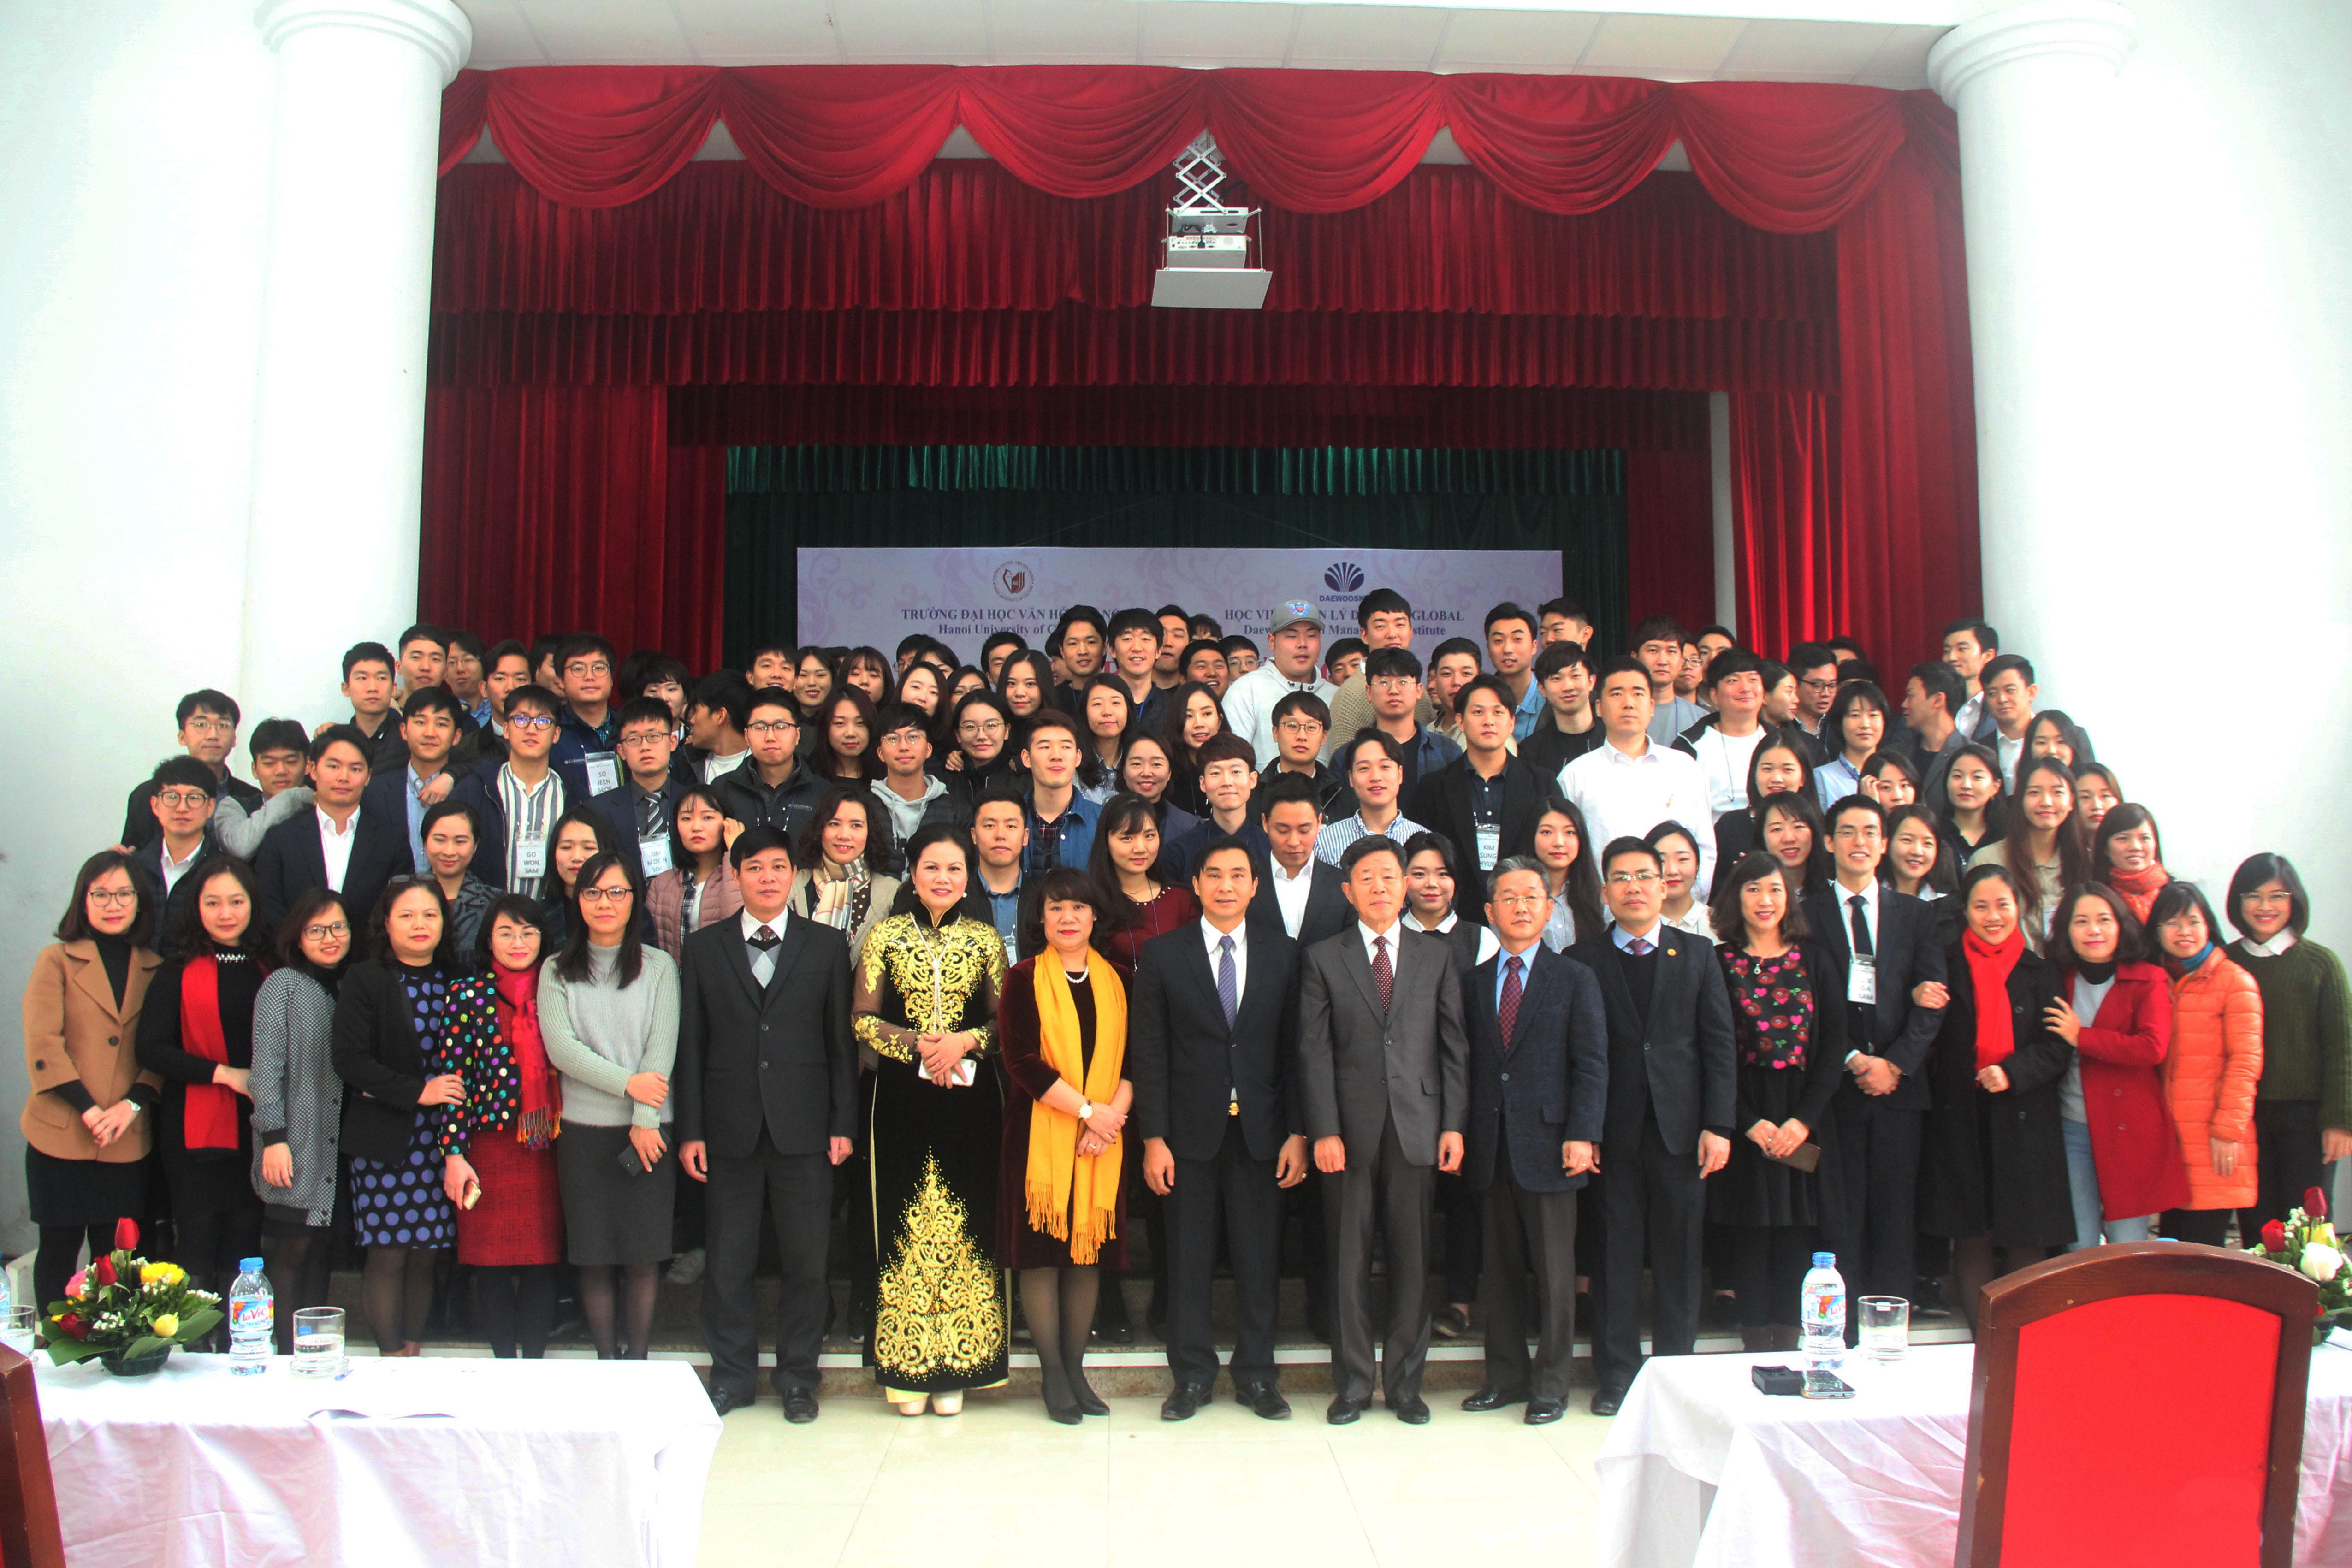 Lễ trao thưởng cho học viên xuất sắc giai đoạn Sơ cấp chương trình đào tạo tiếng Việt thuộc dự án GYBM 7